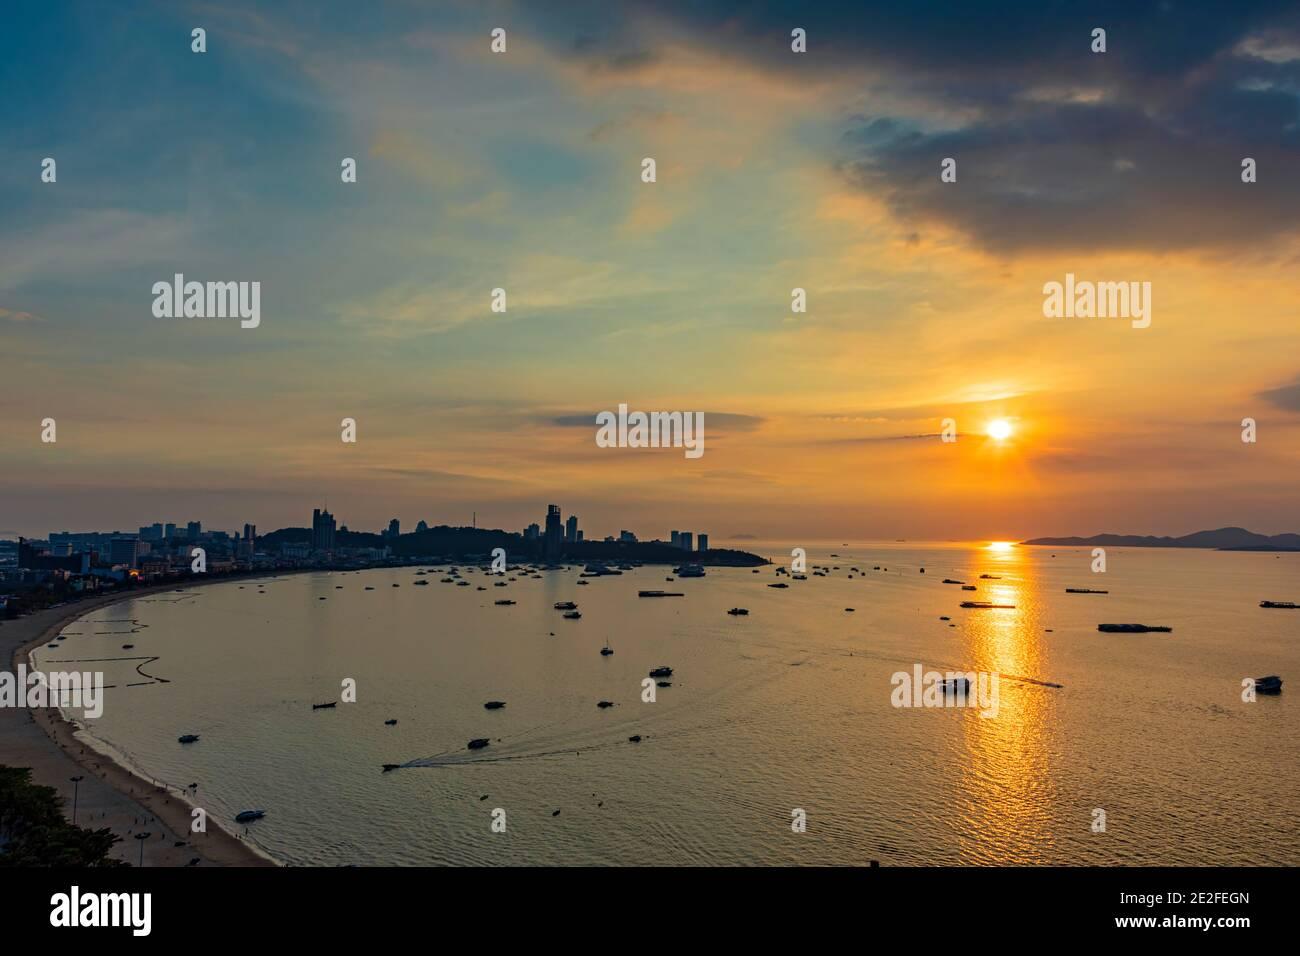 Coucher de soleil sur Pattaya, Chon Buri, Thaïlande Banque D'Images